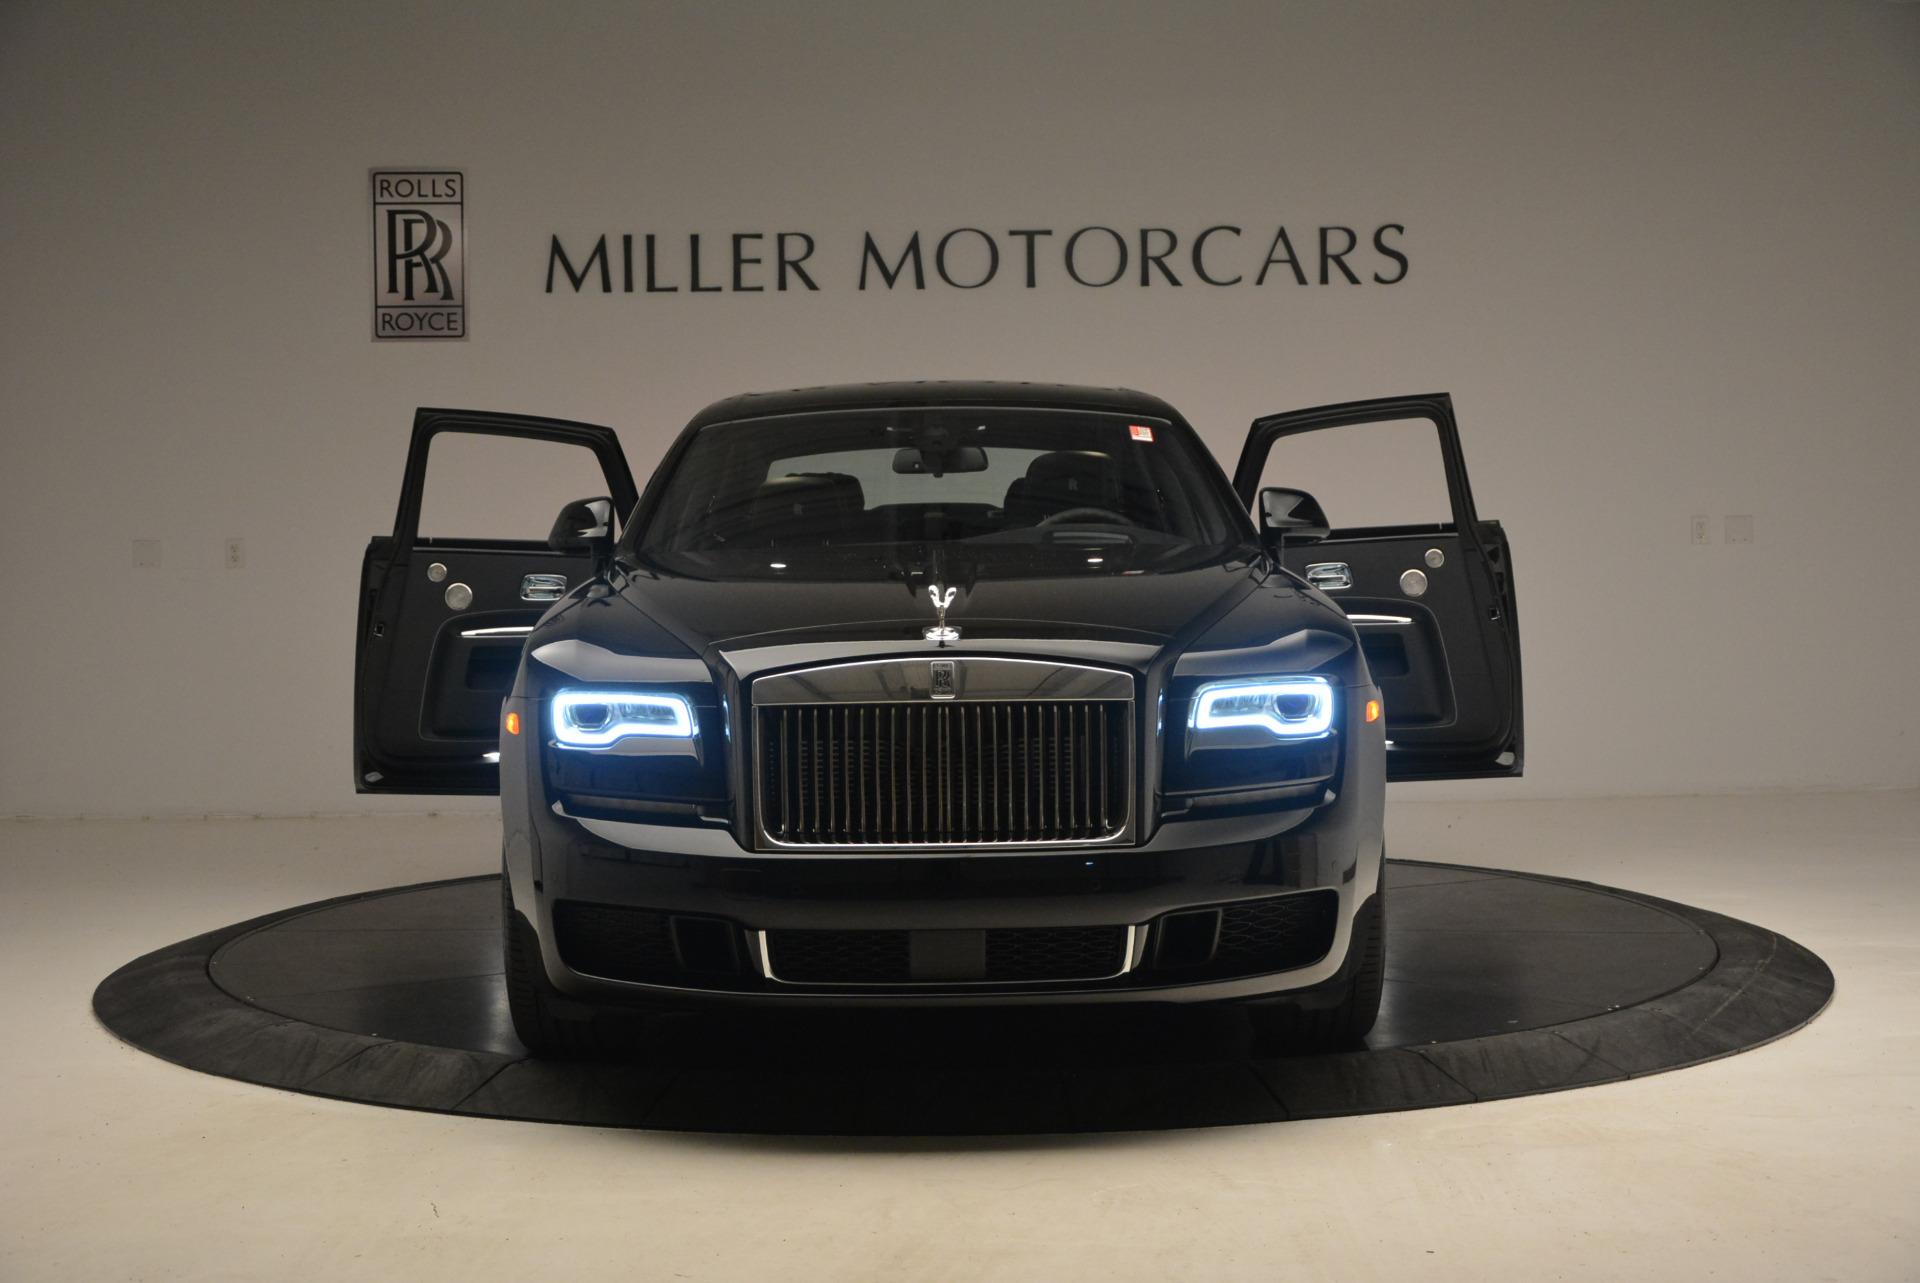 New 2018 Rolls Royce Ghost